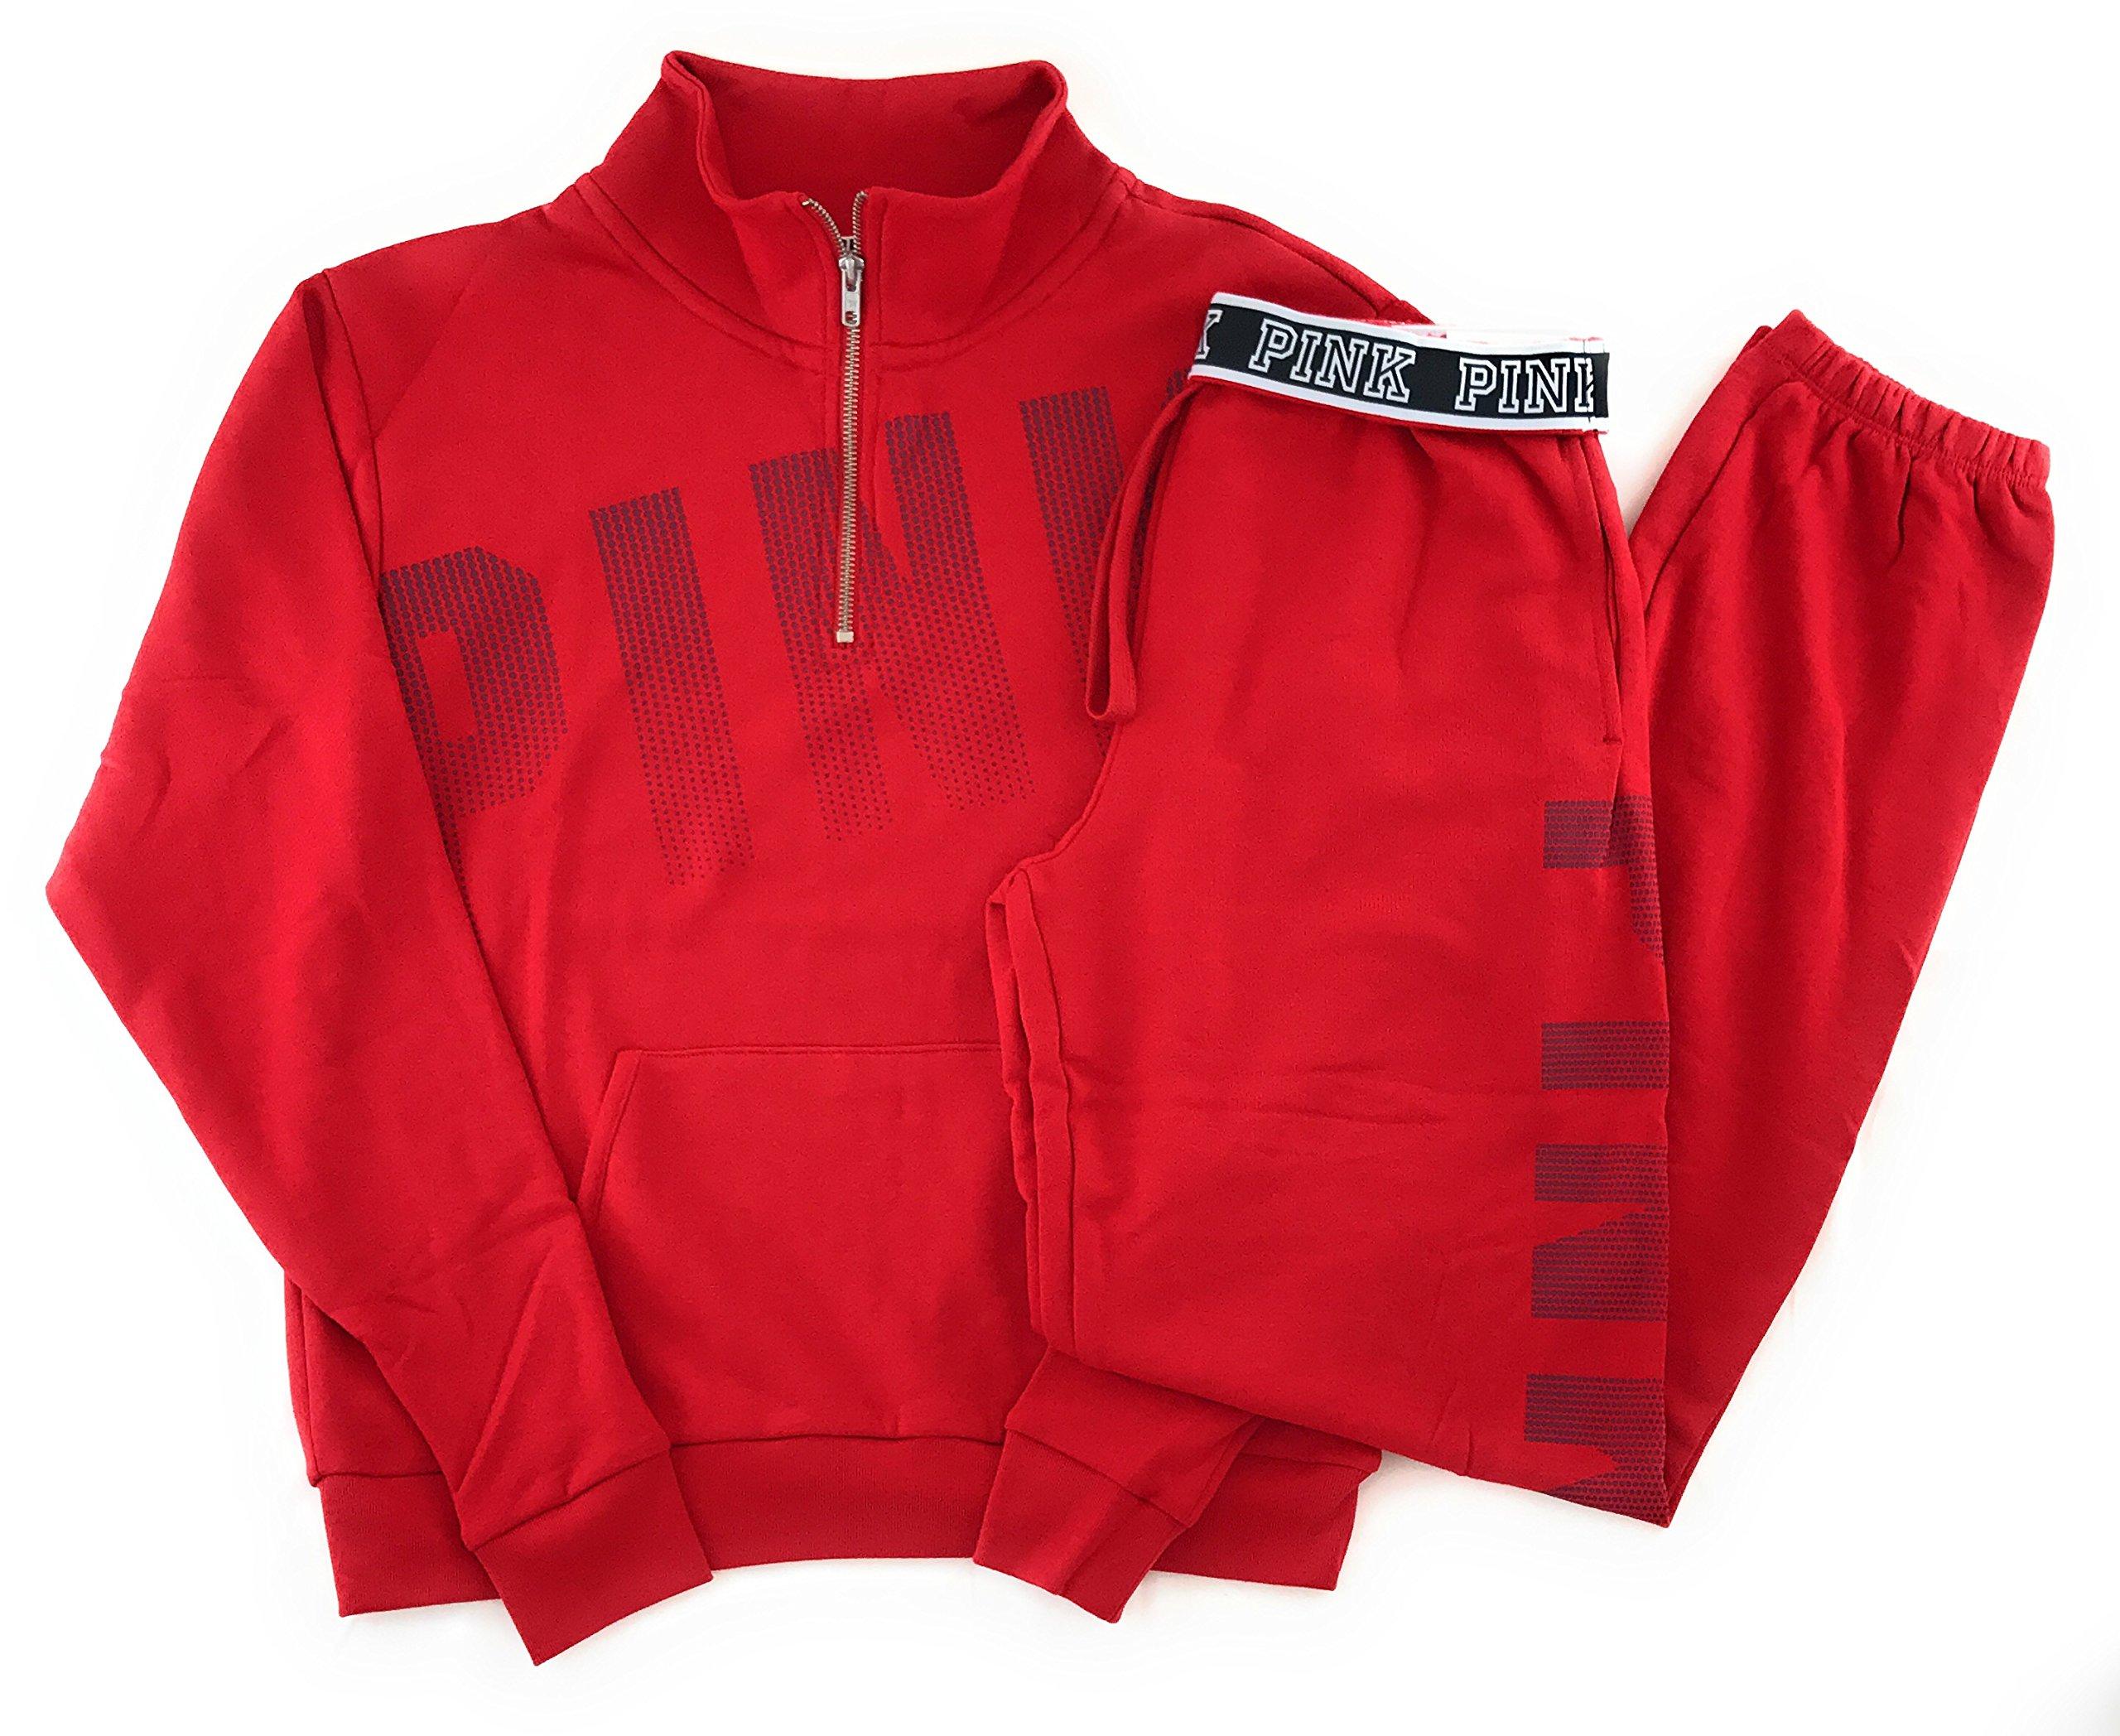 Victoria's Secret PINK Half Zip Sweatshirt and Campus Sweat Pants Set Small Red